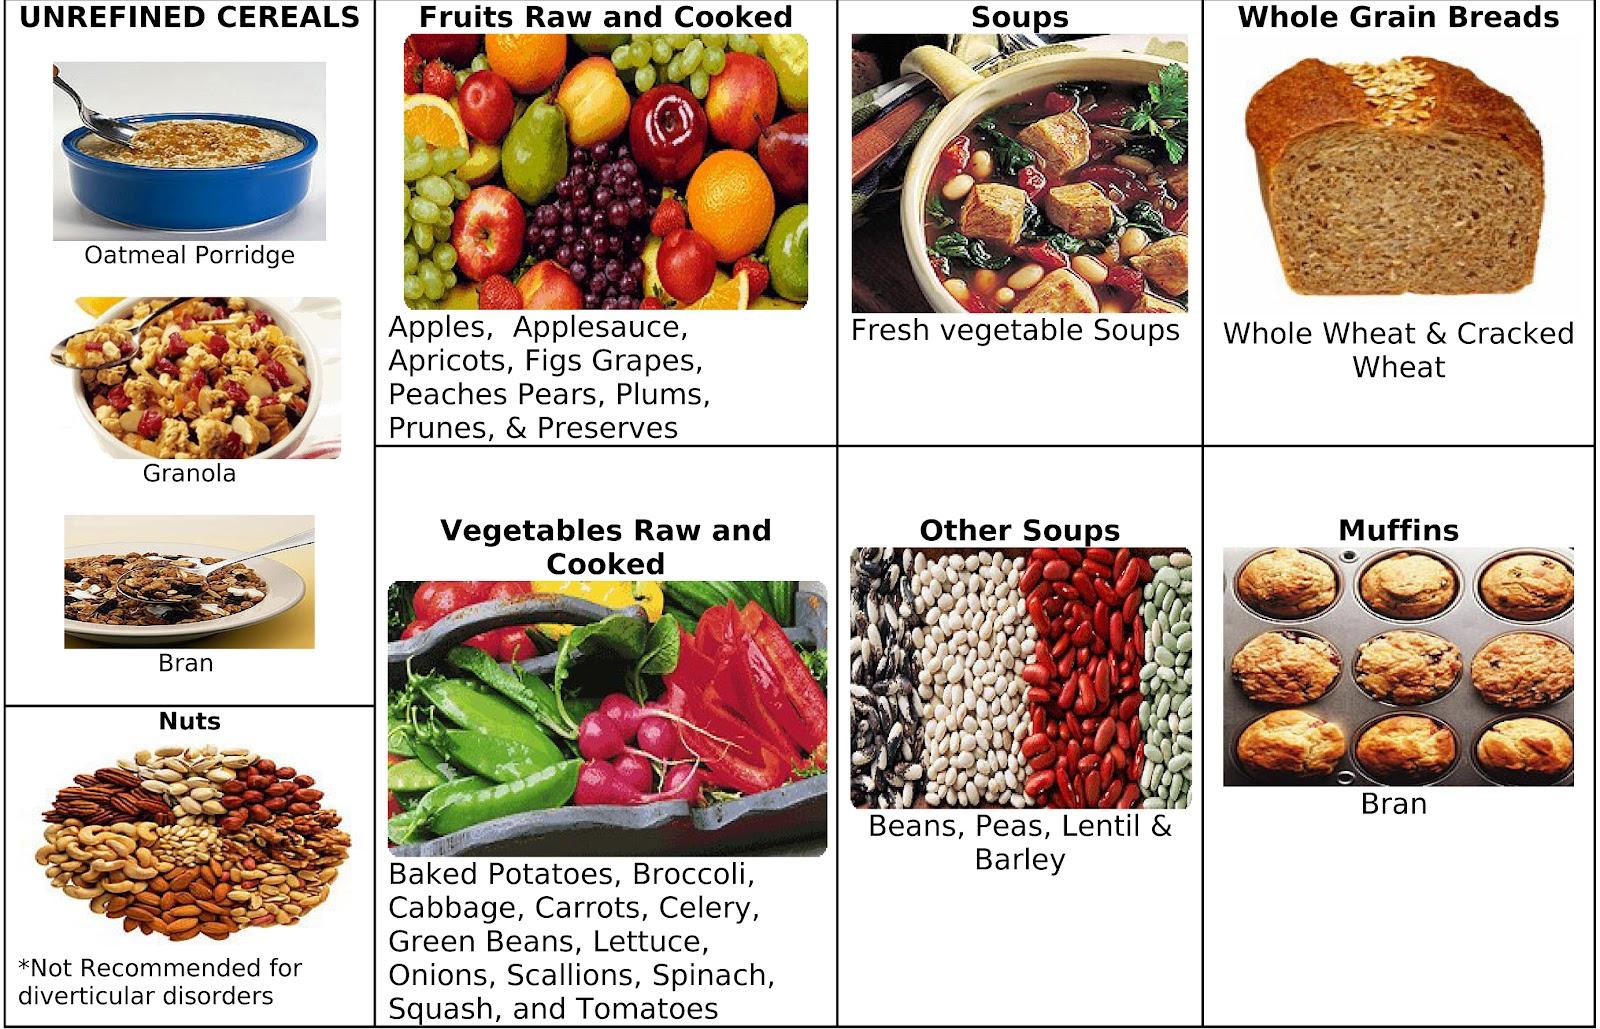 High Fiber Foods Good For Constipation